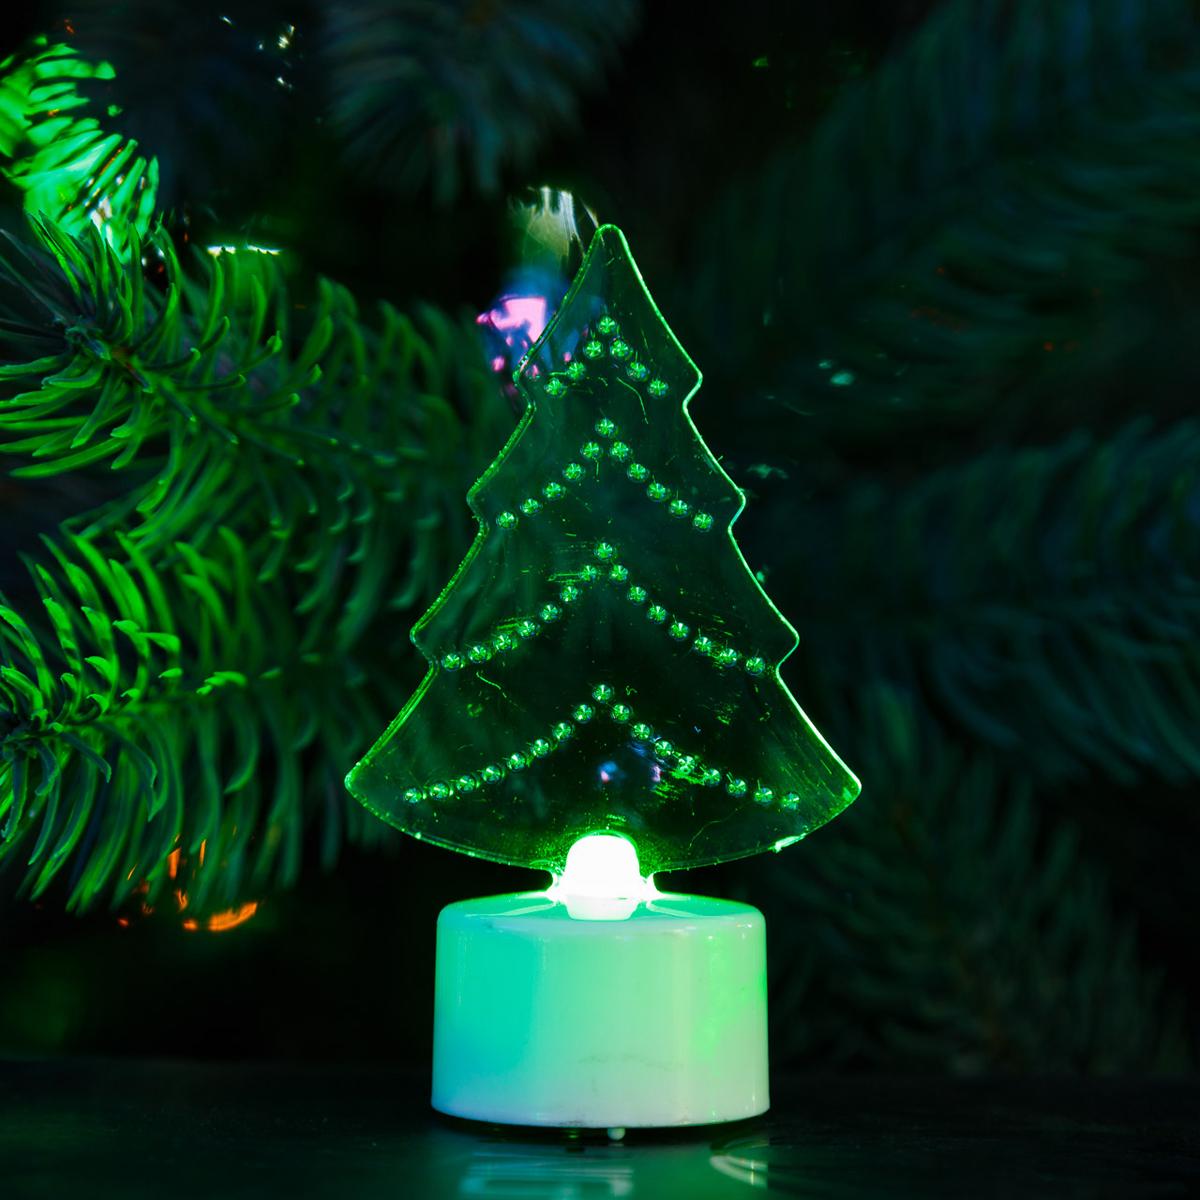 Фигура светодиодная Neon-Night Елочка 2D, на подставке, RGB501-045Светодиодная фигура на подставке Neon-Night Елочка 2D станет прекрасным украшением домашнего интерьера, рабочего стола или послужит просто символичным новогодним комплиментом.Фигура работает от батареек LR44 (в комплекте), плавная смена цвета (RGB) создаст приятное праздничное настроение.